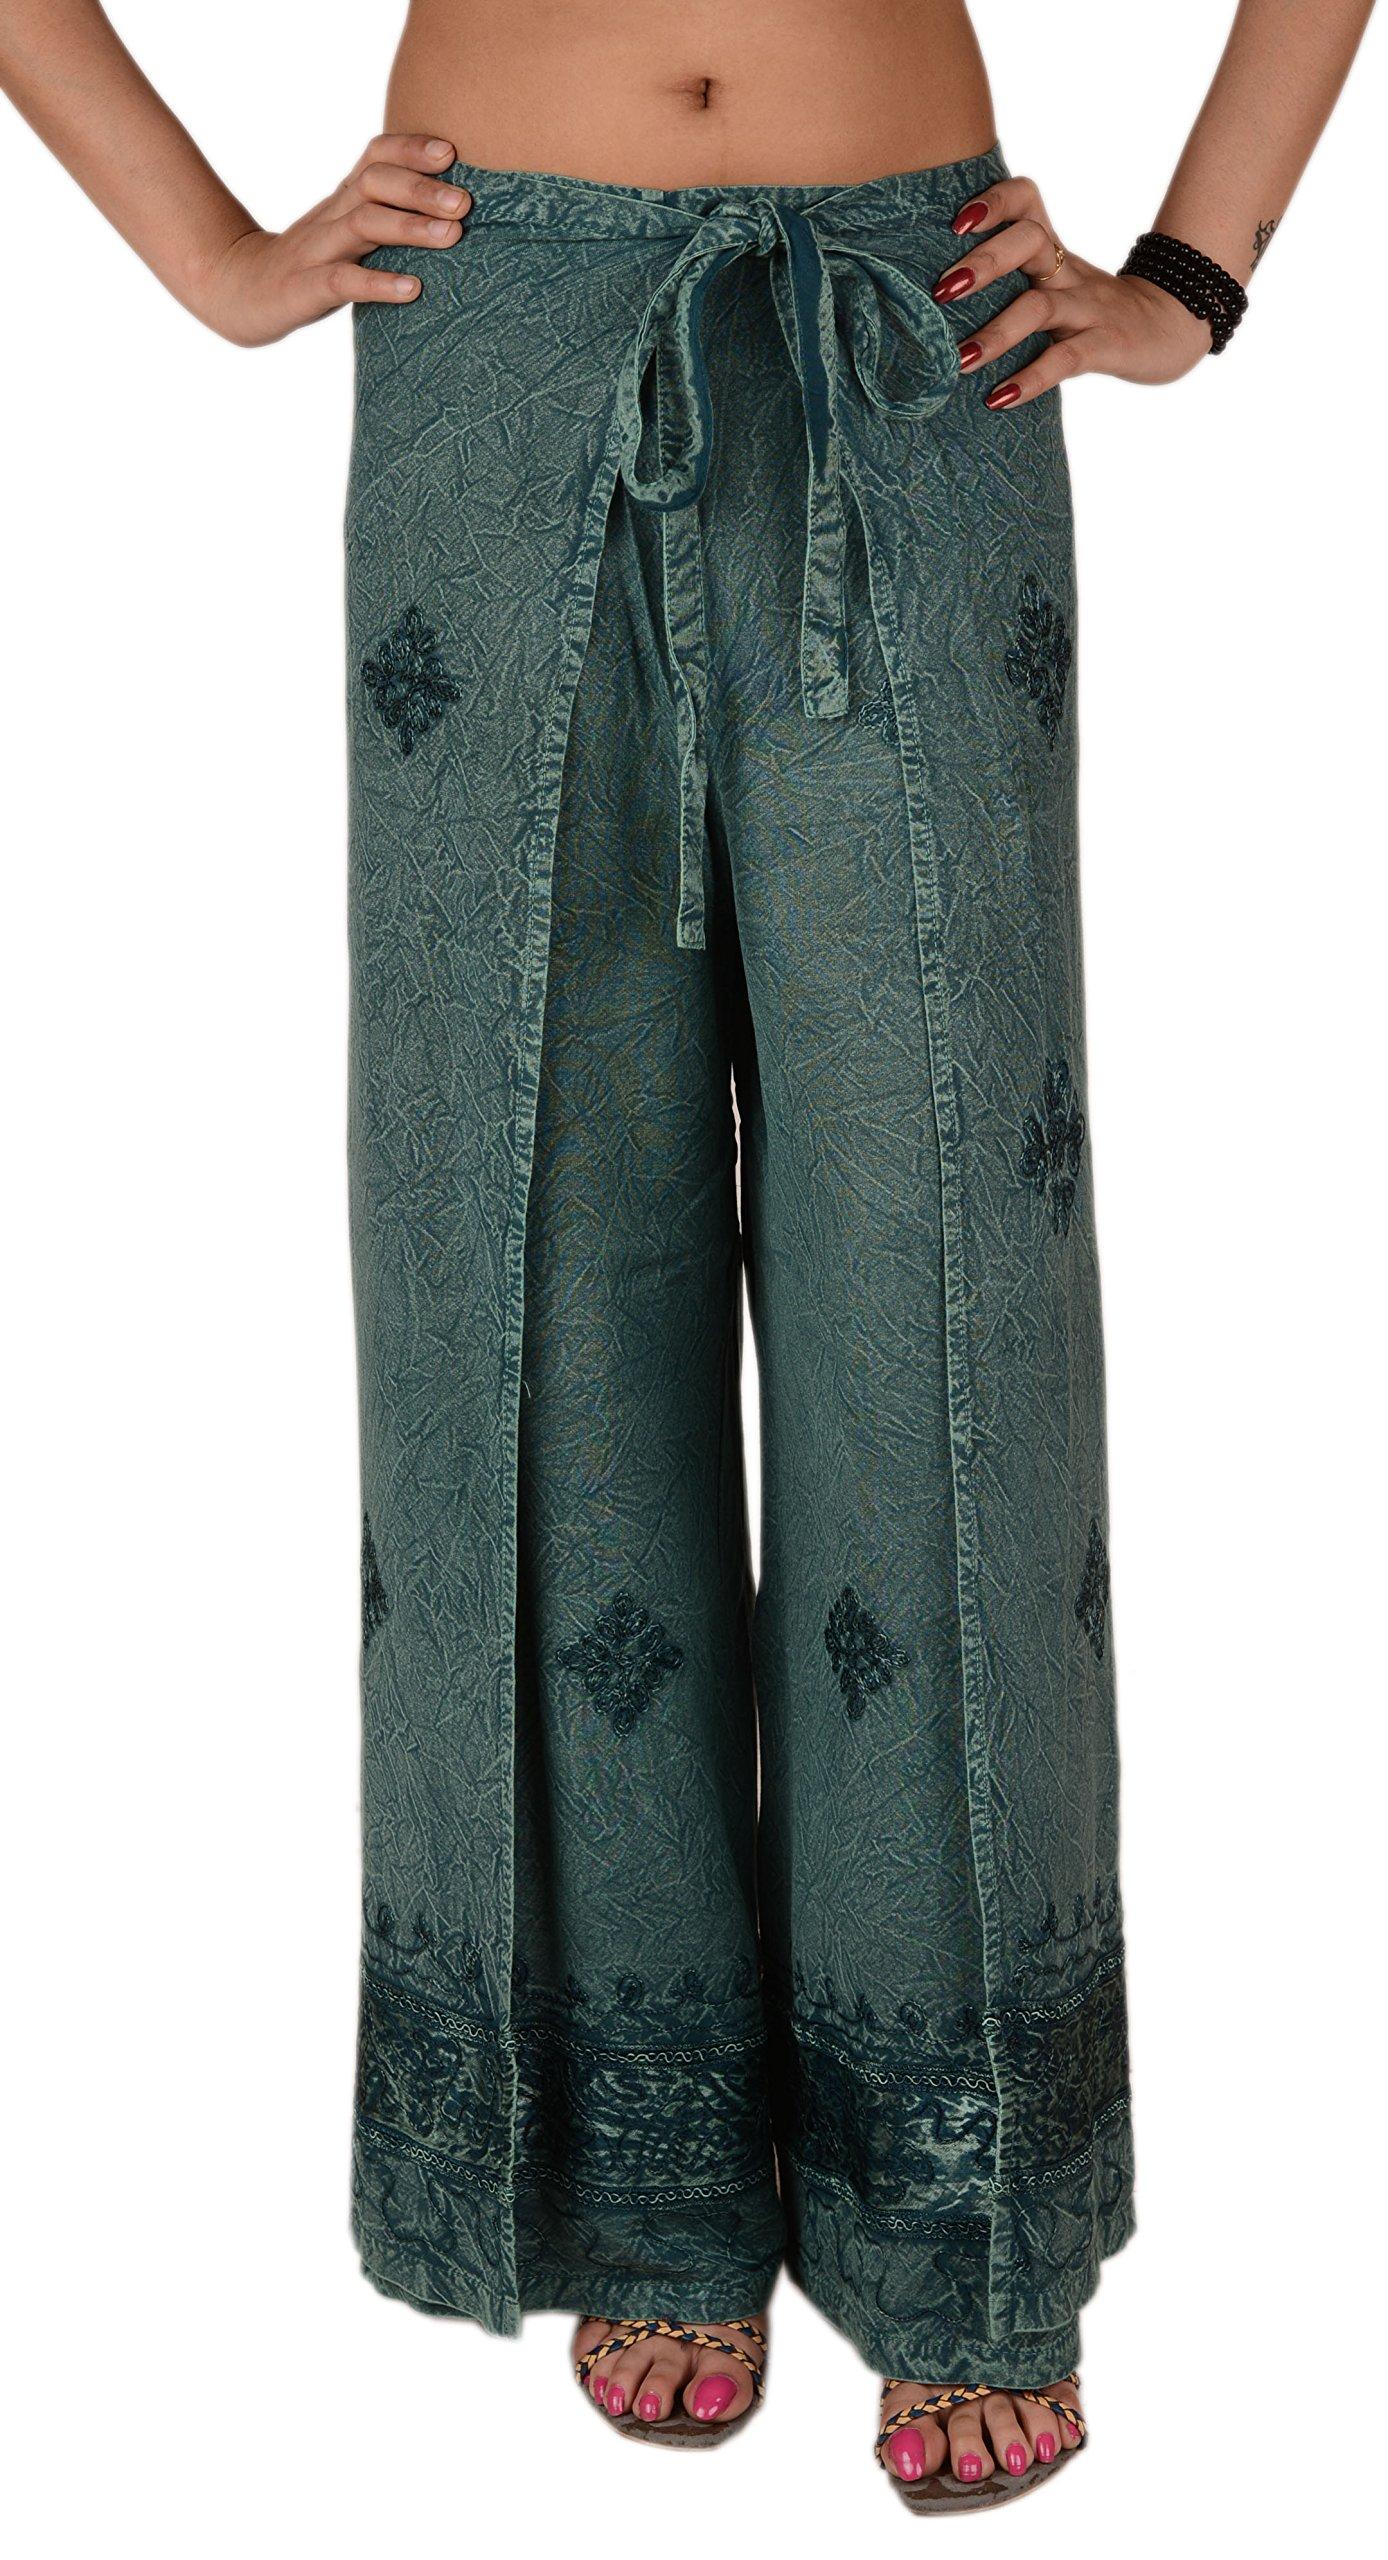 SNS Rayon Embroidered Aladdin Pant